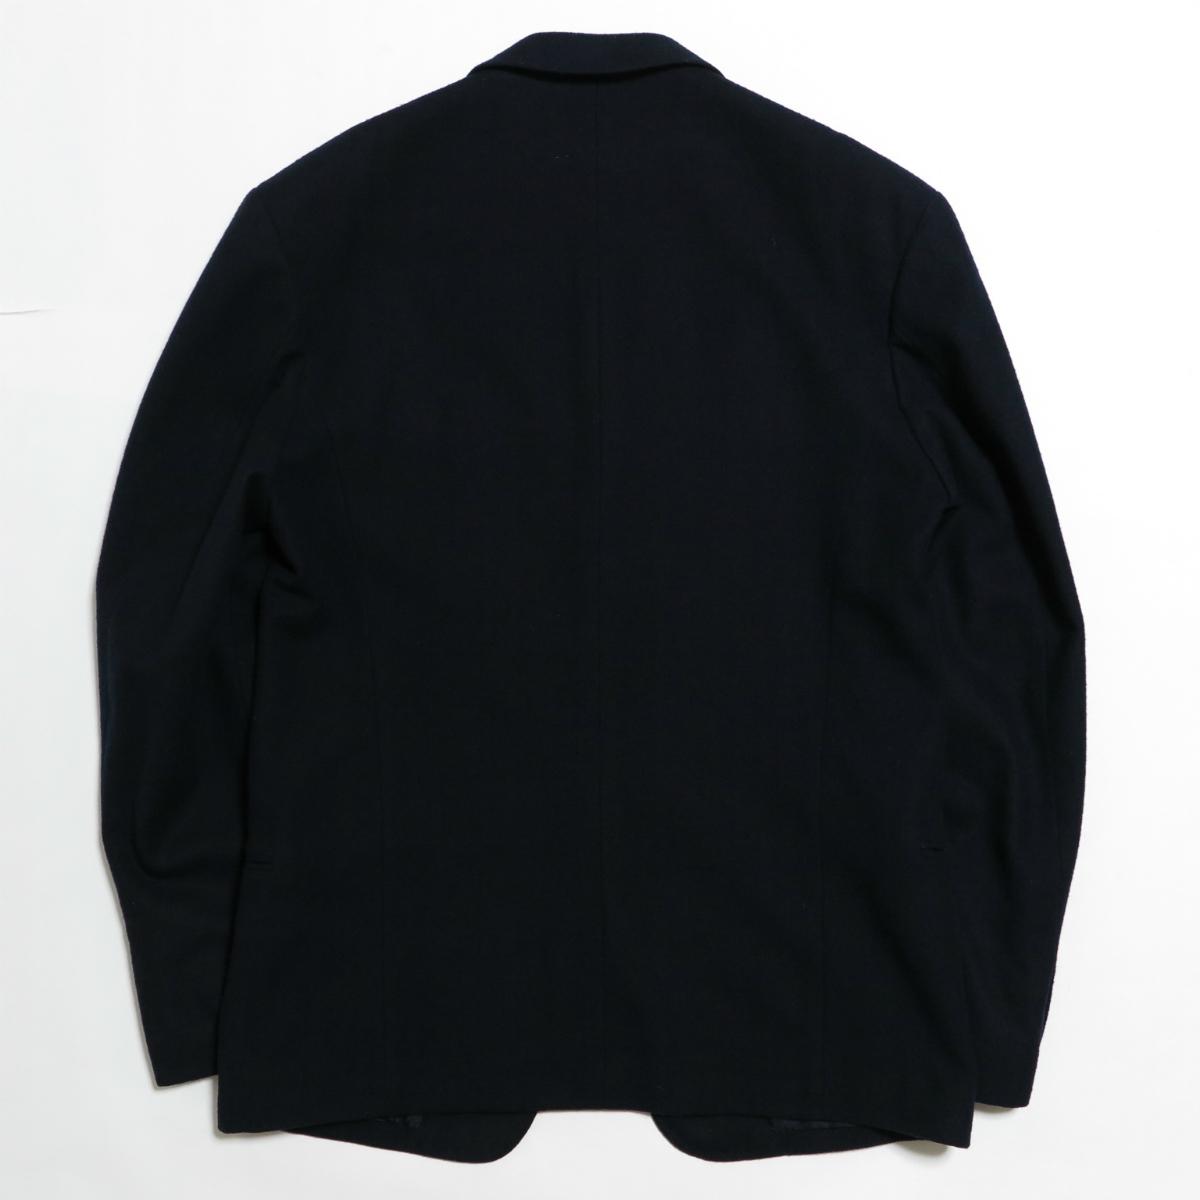 80s Yohji Yamamoto POUR HOMME 1987AW Melton Wool Jacket M ヨウジヤマモト プールオム ジャケット ヴィンテージ アーカイブ 初期_画像2